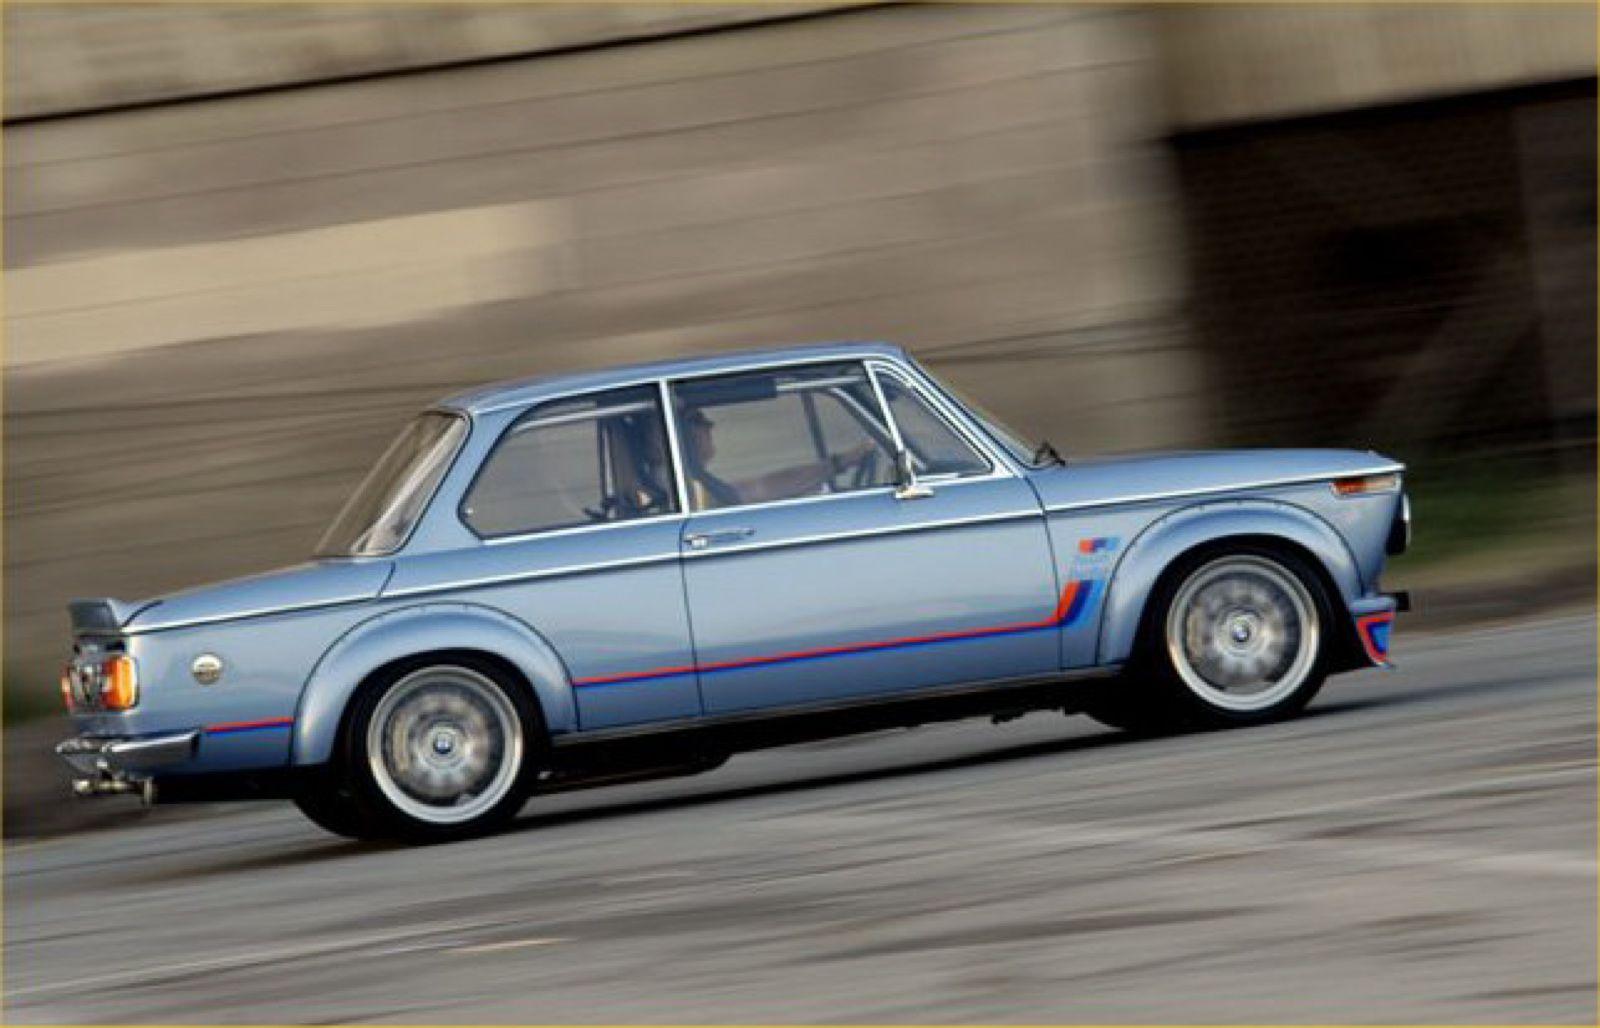 BMW turbo bmw 2002 : One-Of-A-Kind: BMW 3002 tii - http://www.bmwblog.com/2017/04/16 ...